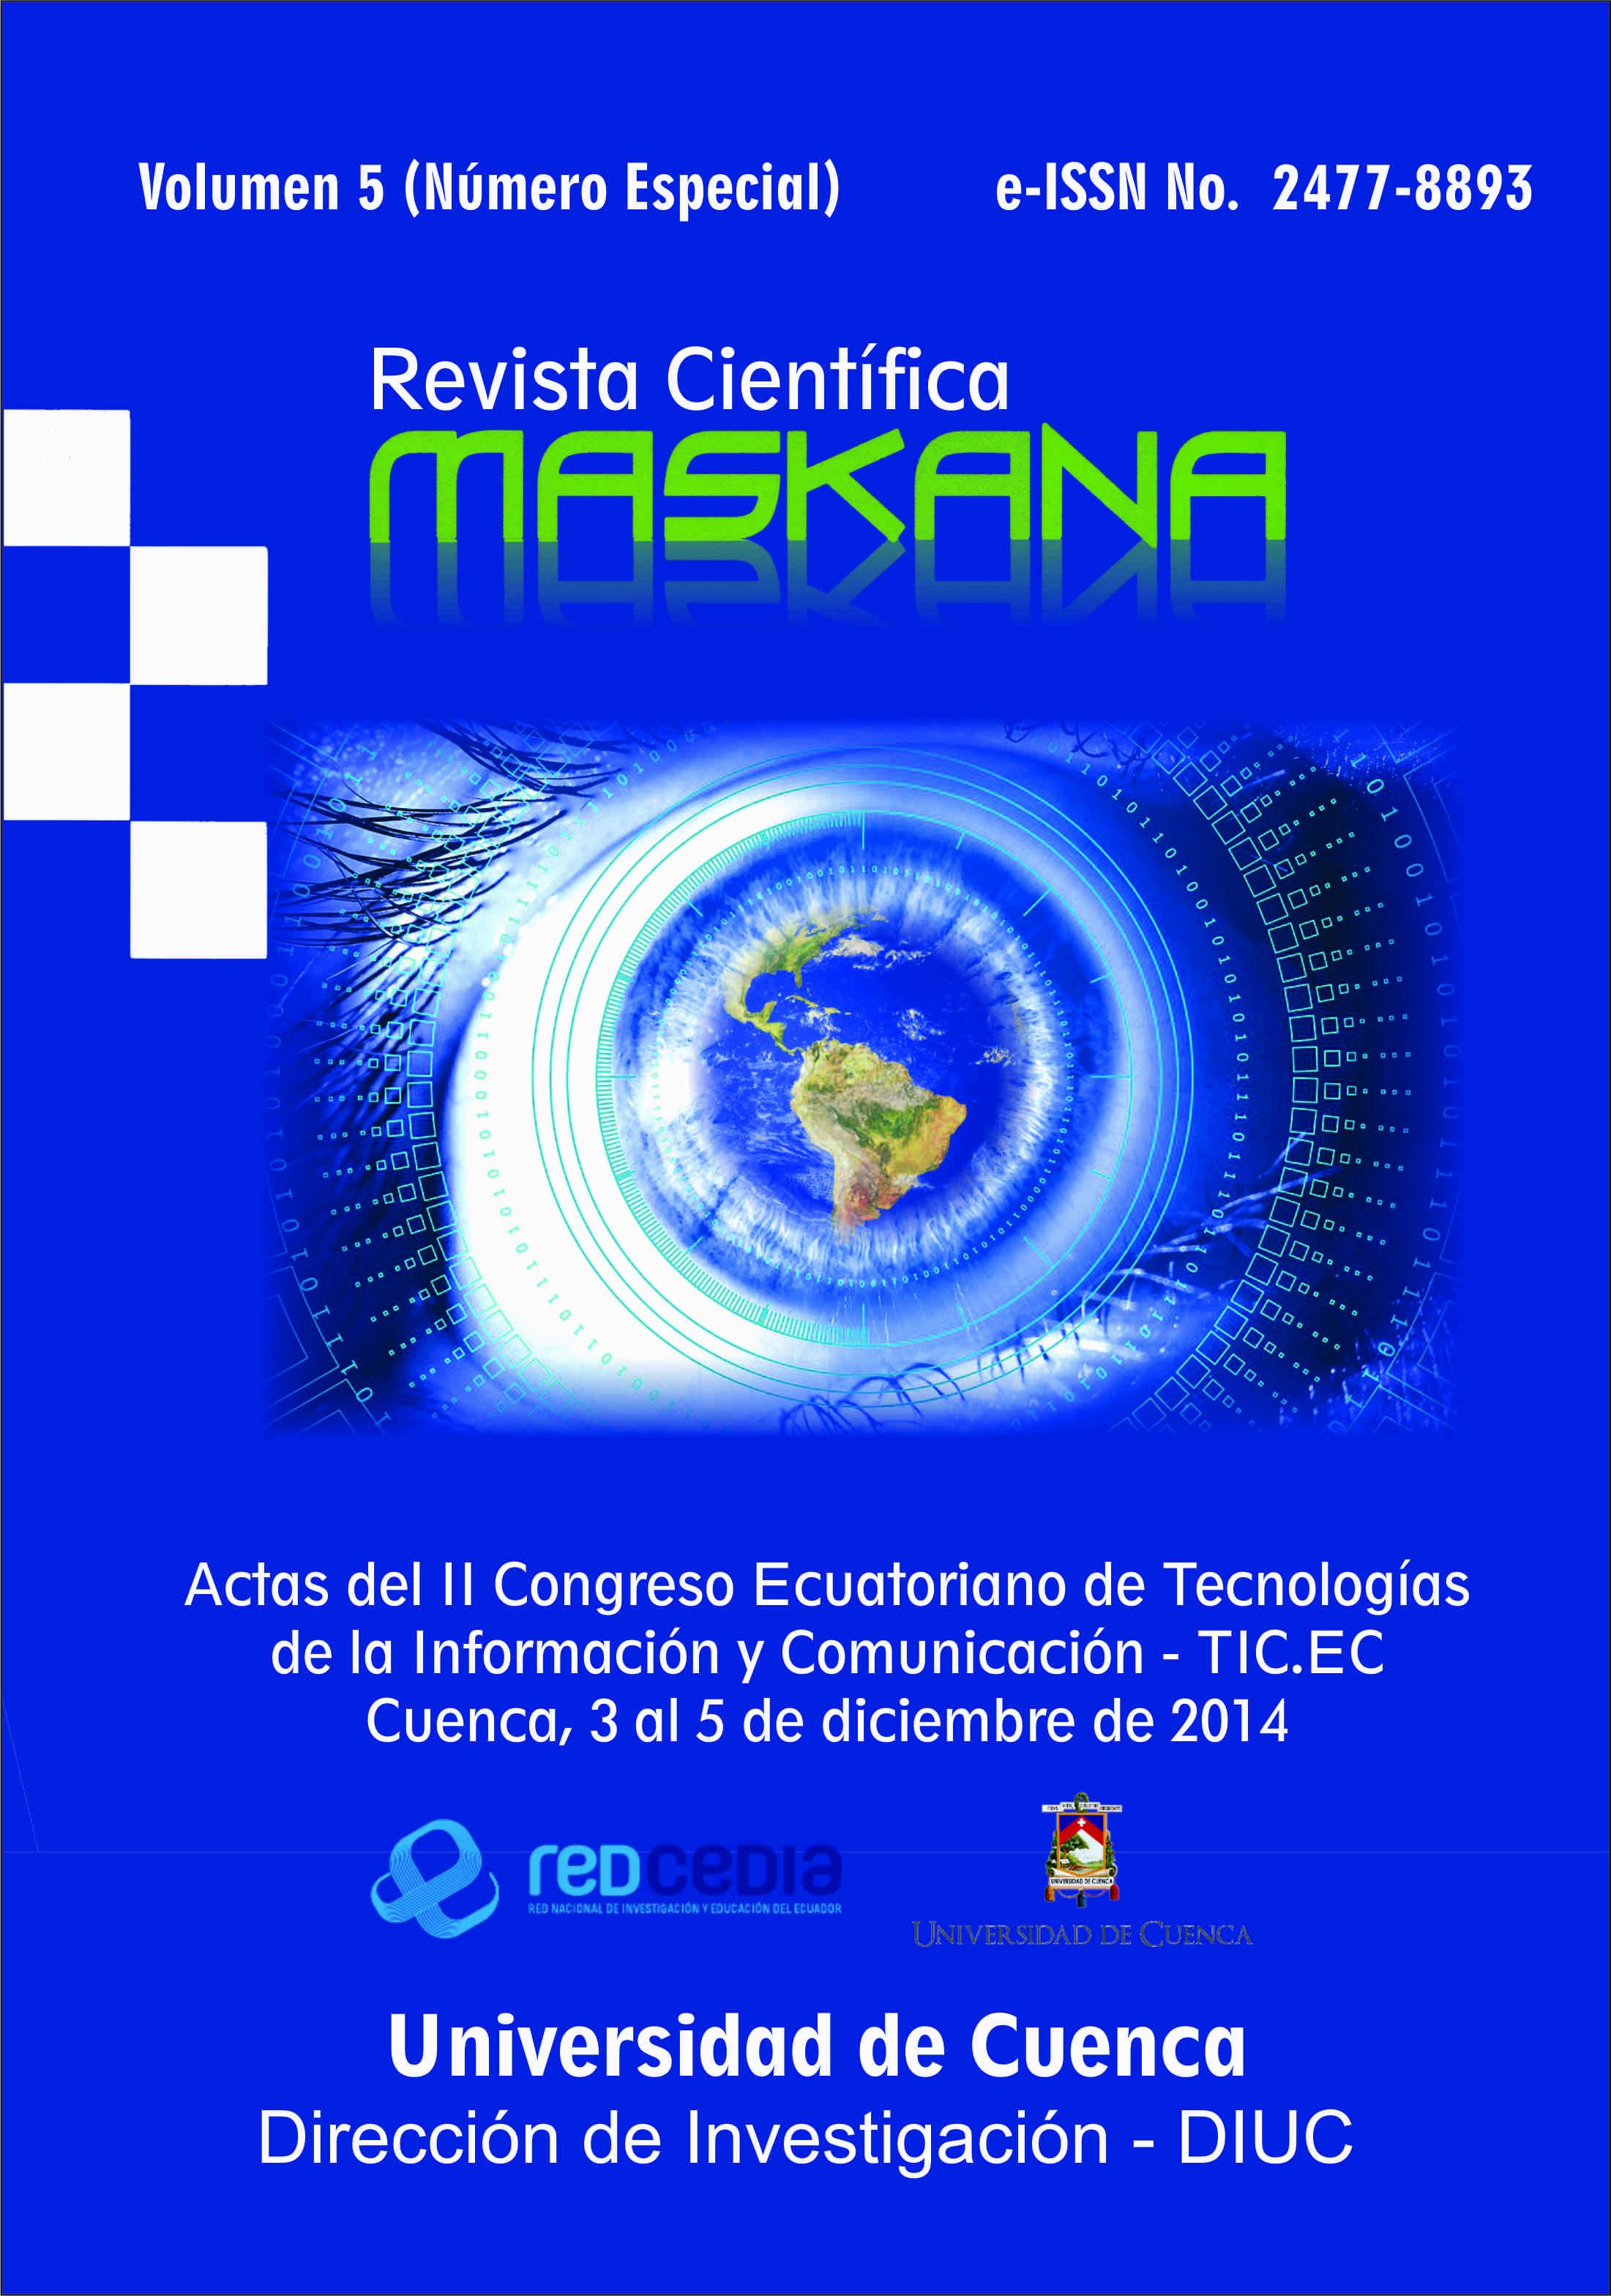 Ver Vol. 5 (2014): Actas del II Congreso Ecuatoriano de Tecnologías de la Información y Comunicación - TIC.EC 2014